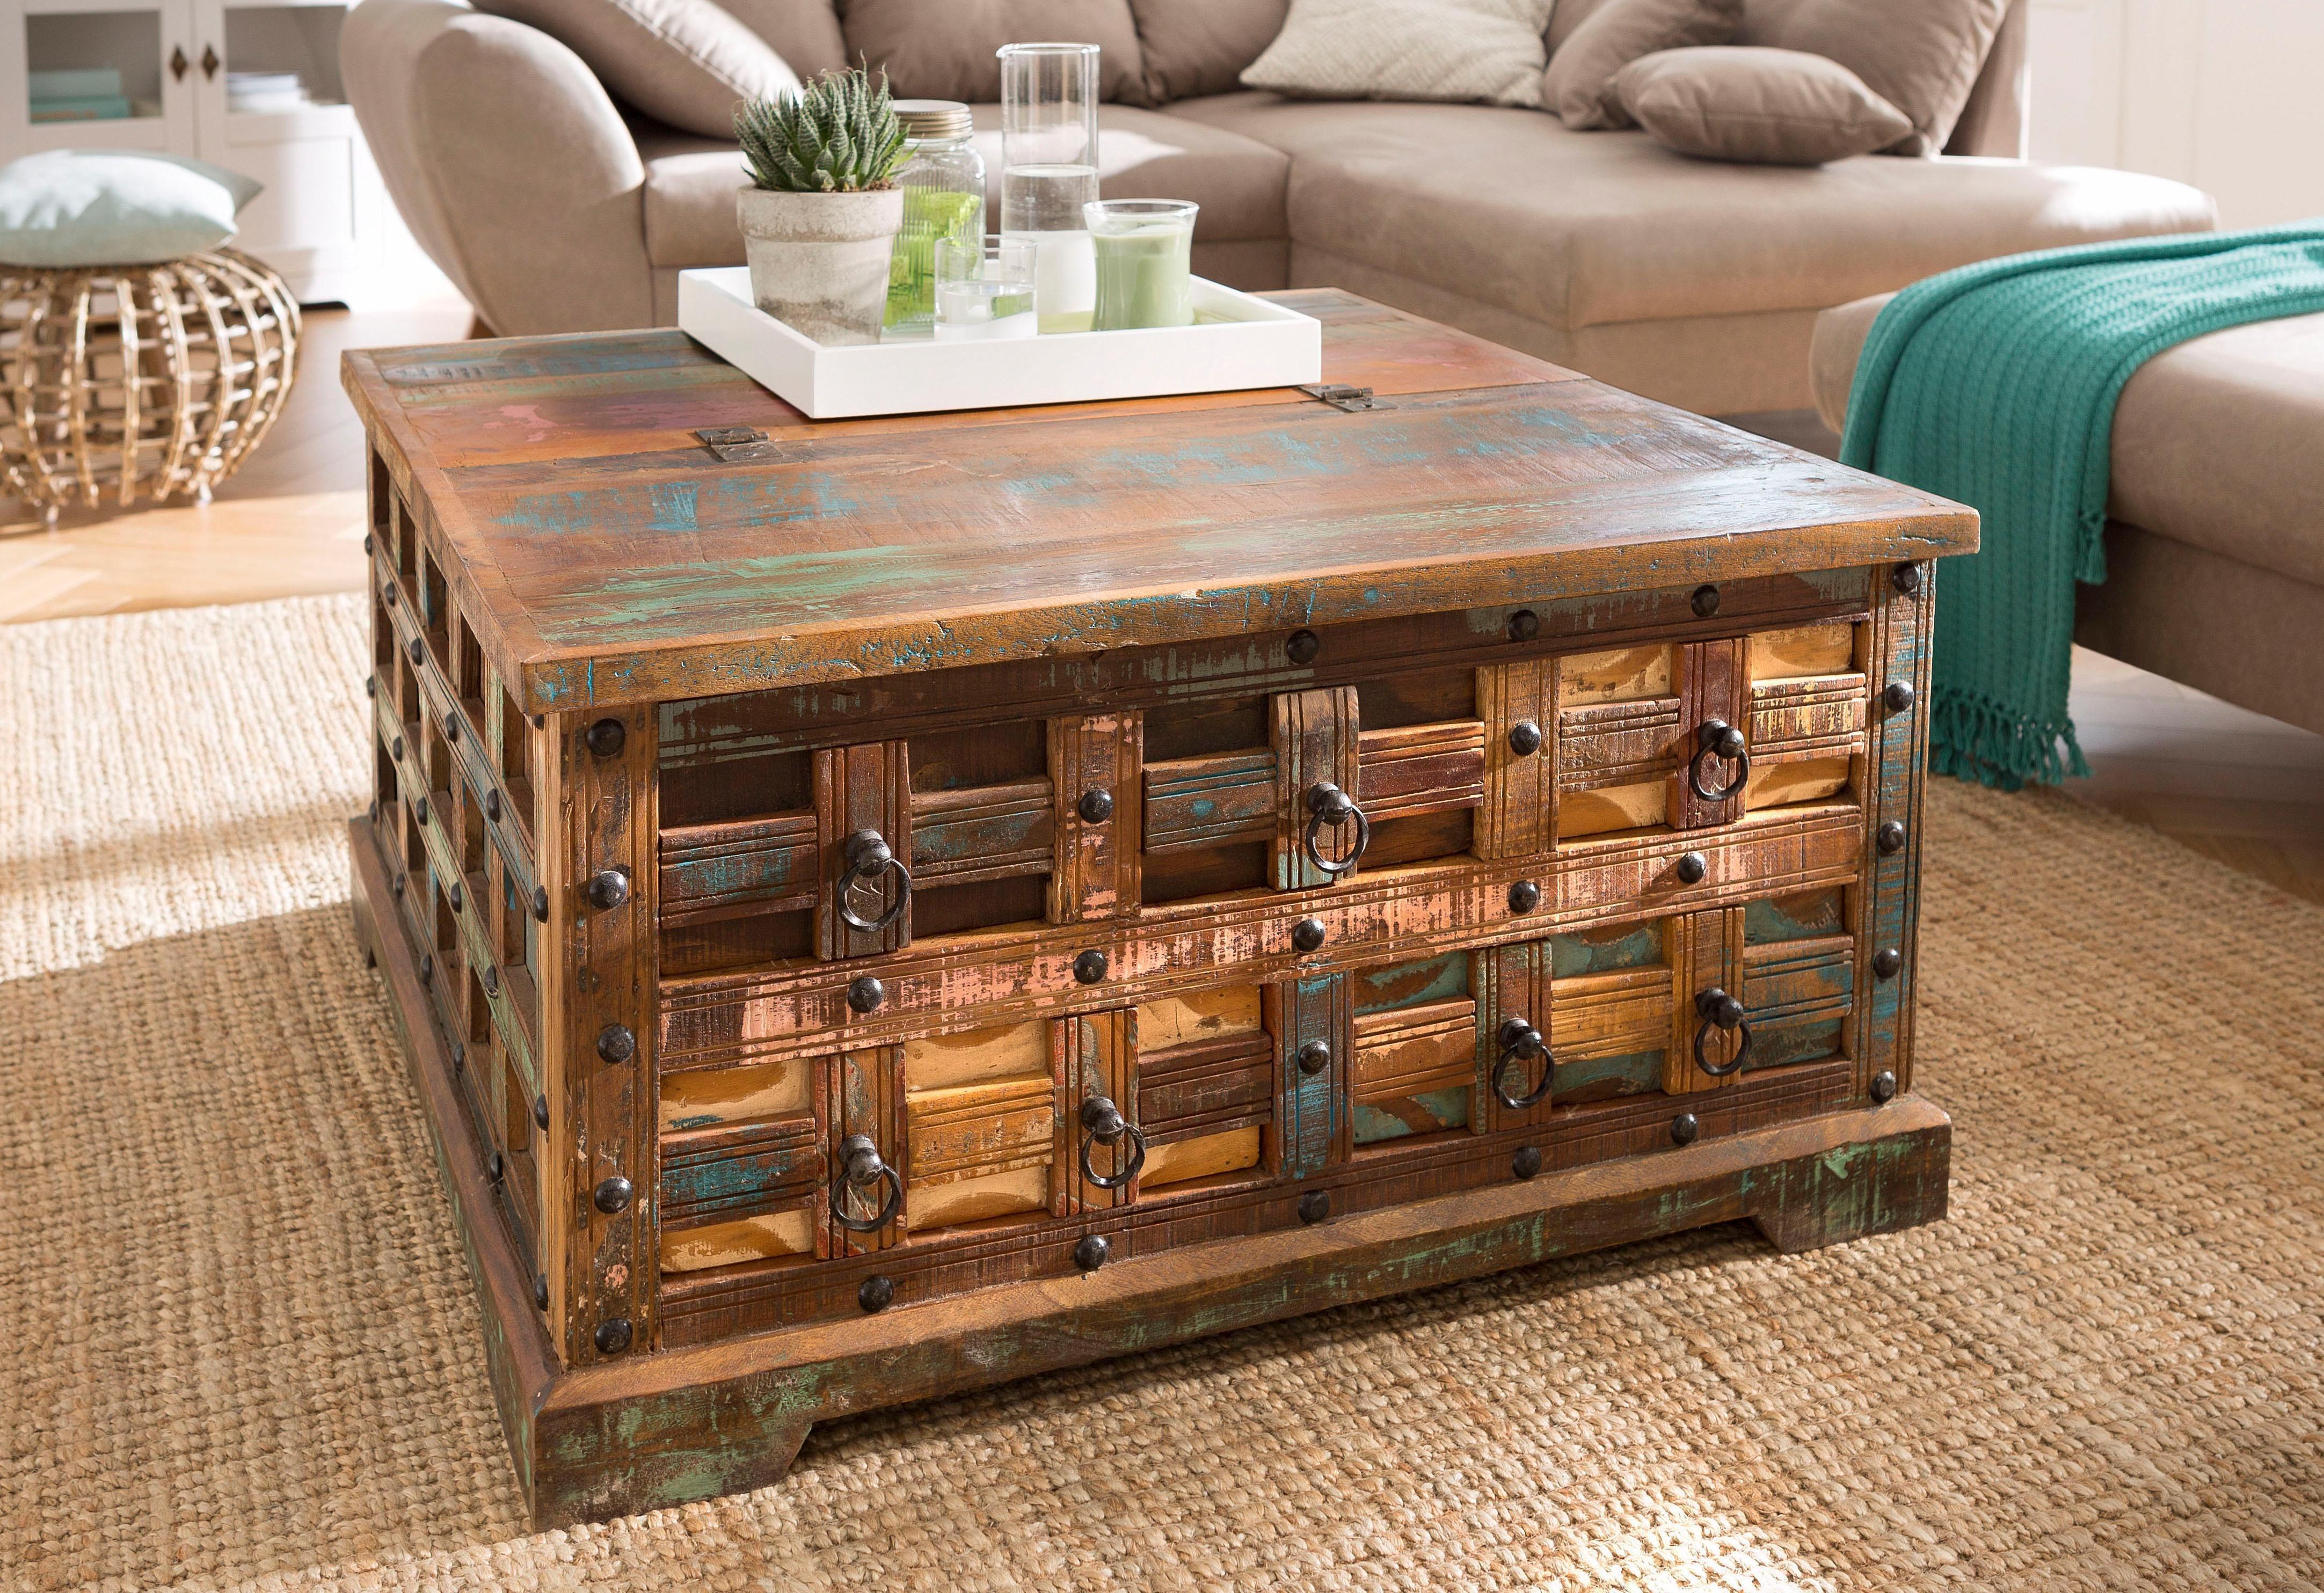 couchtisch truhe preisvergleich die besten angebote online kaufen. Black Bedroom Furniture Sets. Home Design Ideas